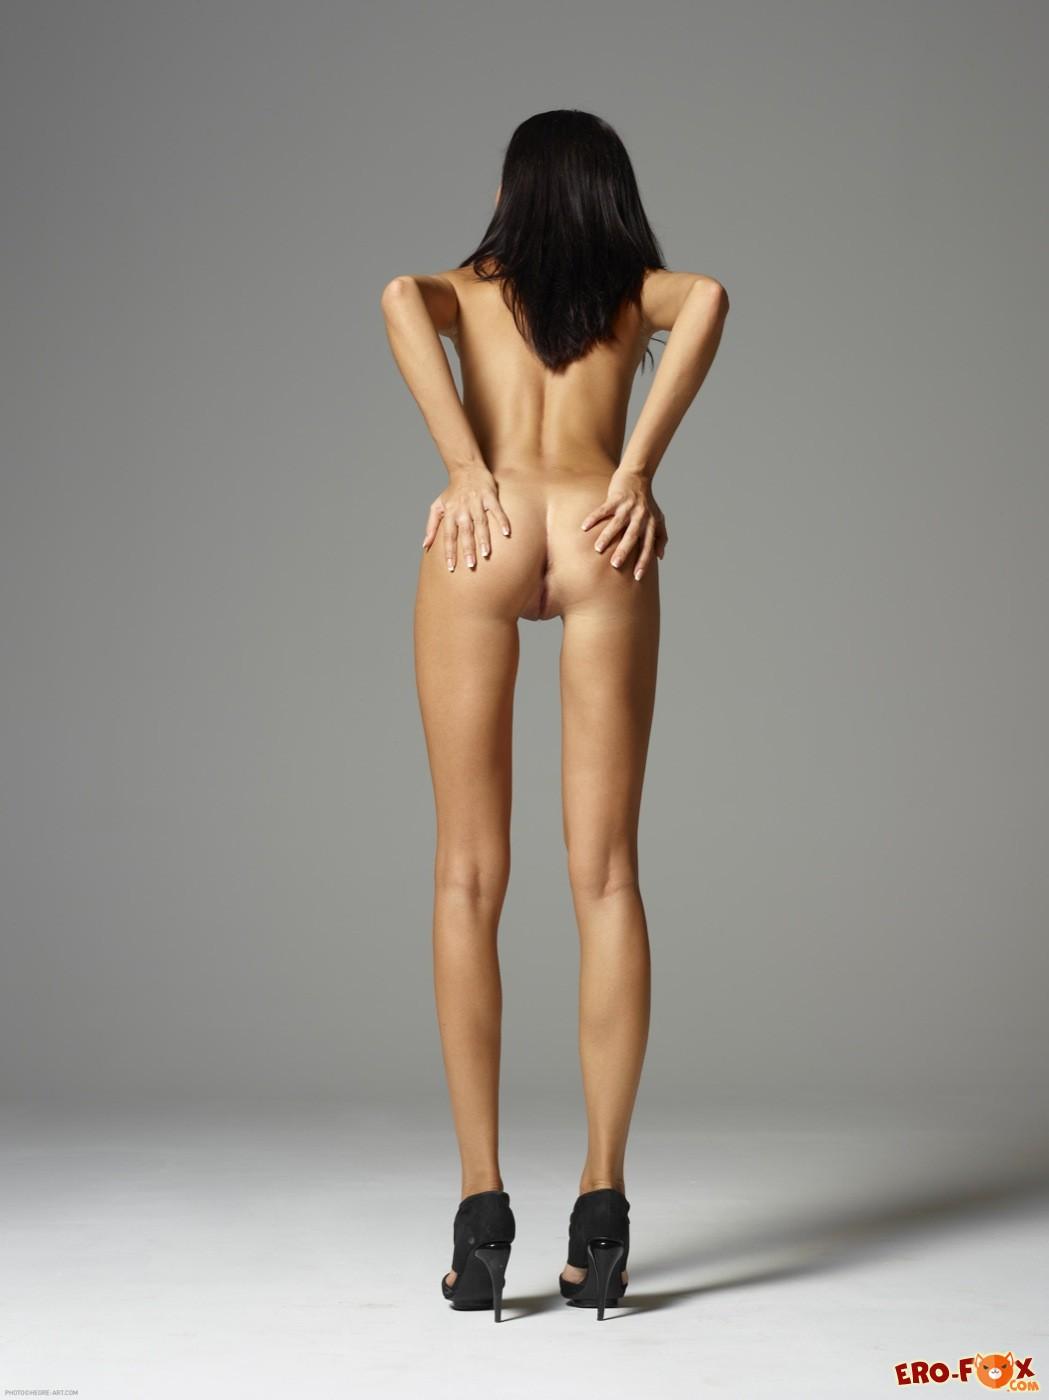 Худая брюнетка с тощей попкой голая - фото